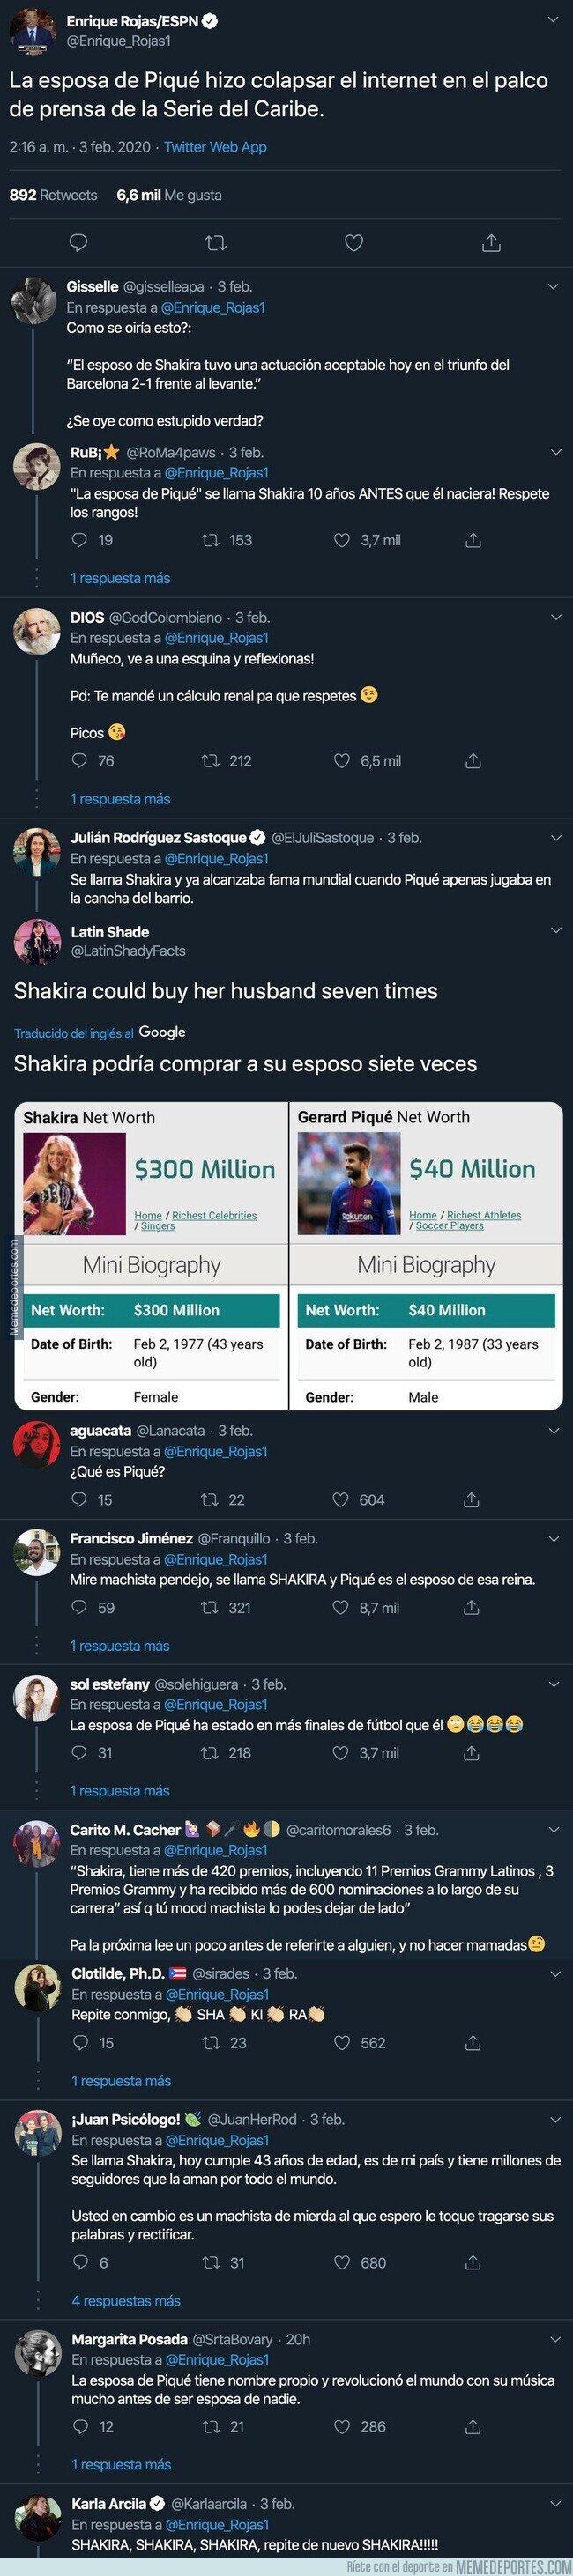 1097505 - Un periodista de ESPN llama a Shakira